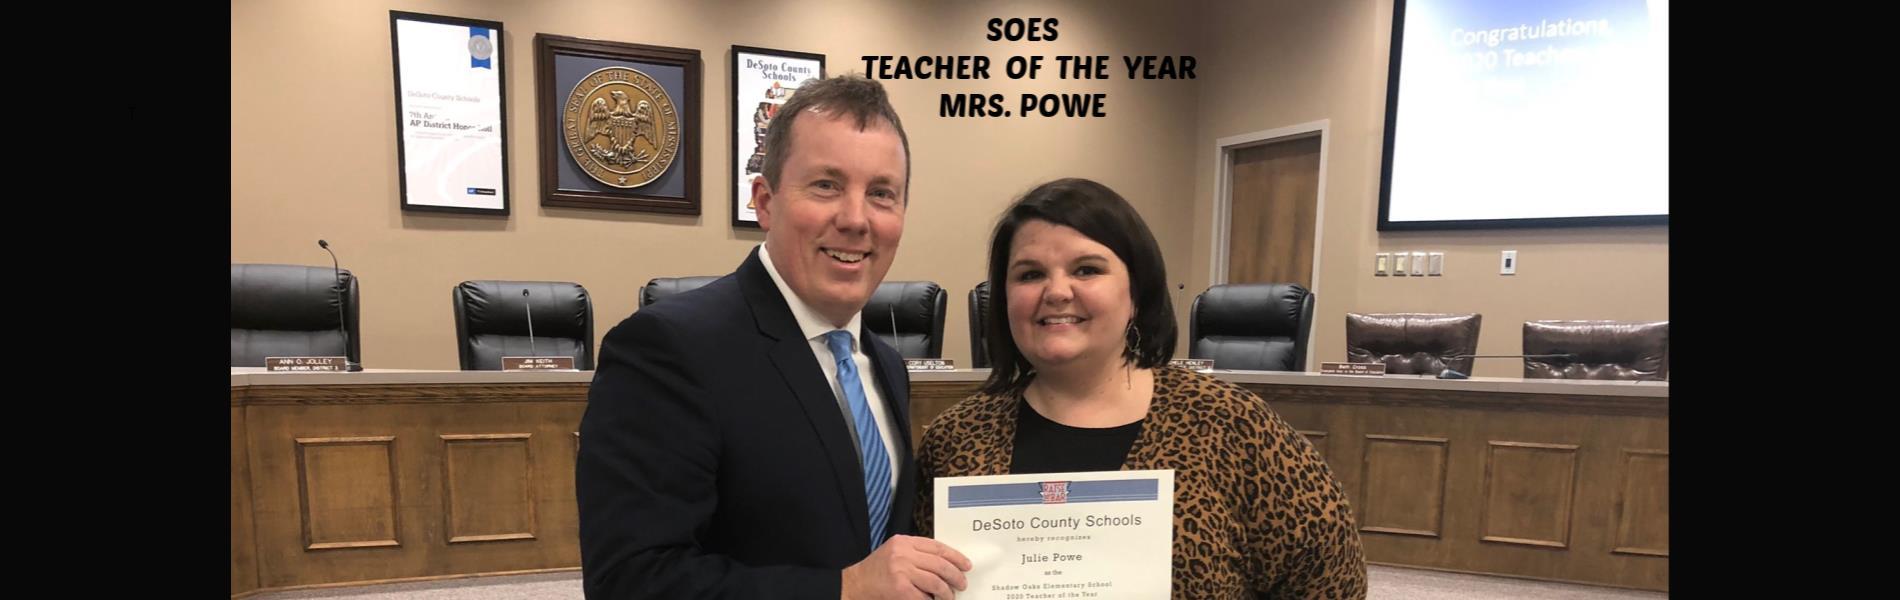 Mrs. Powe